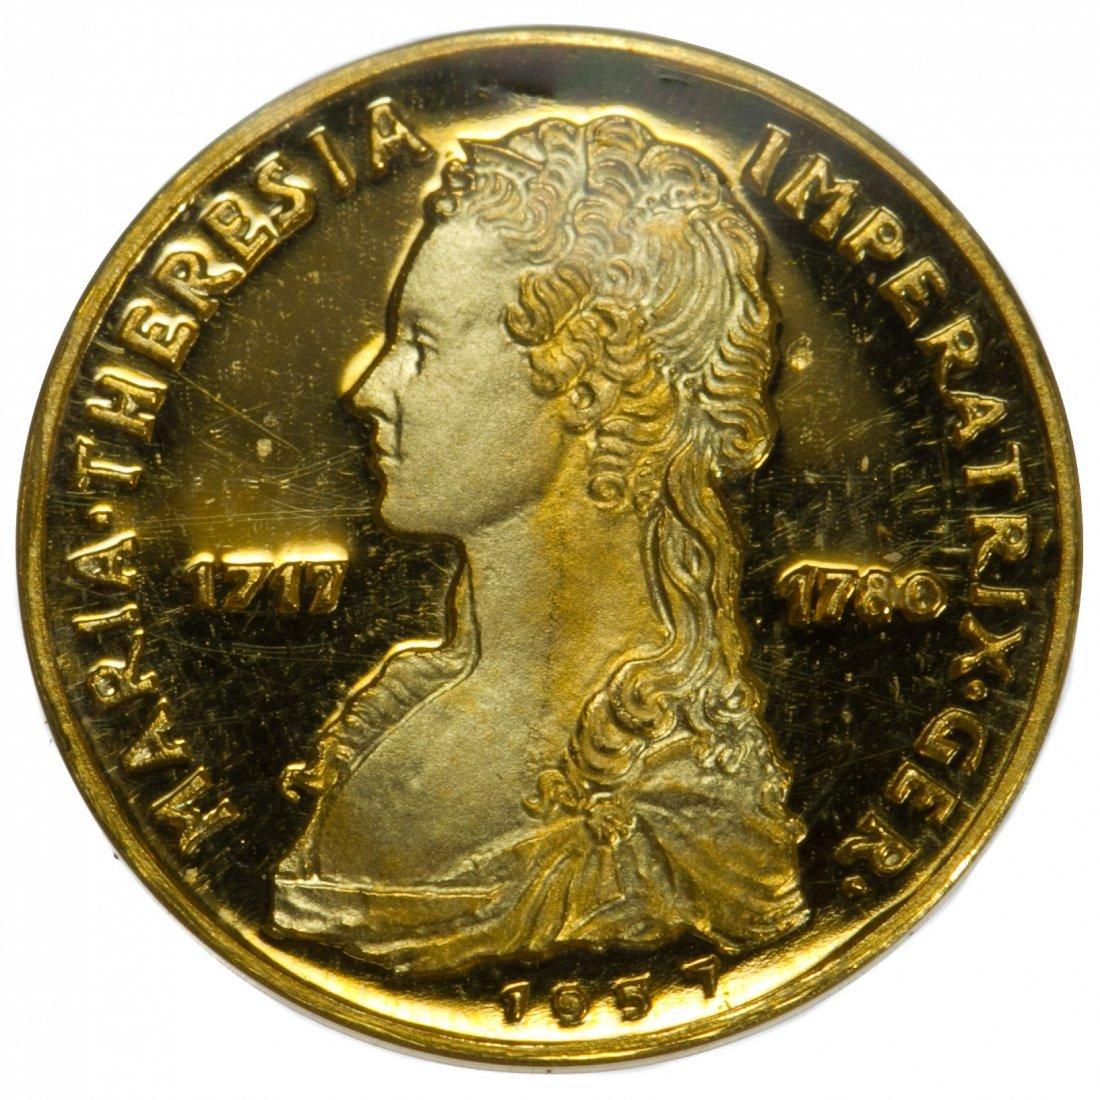 Austria: 1957 Maria Theresa 1/2 Gold Ducat Proof